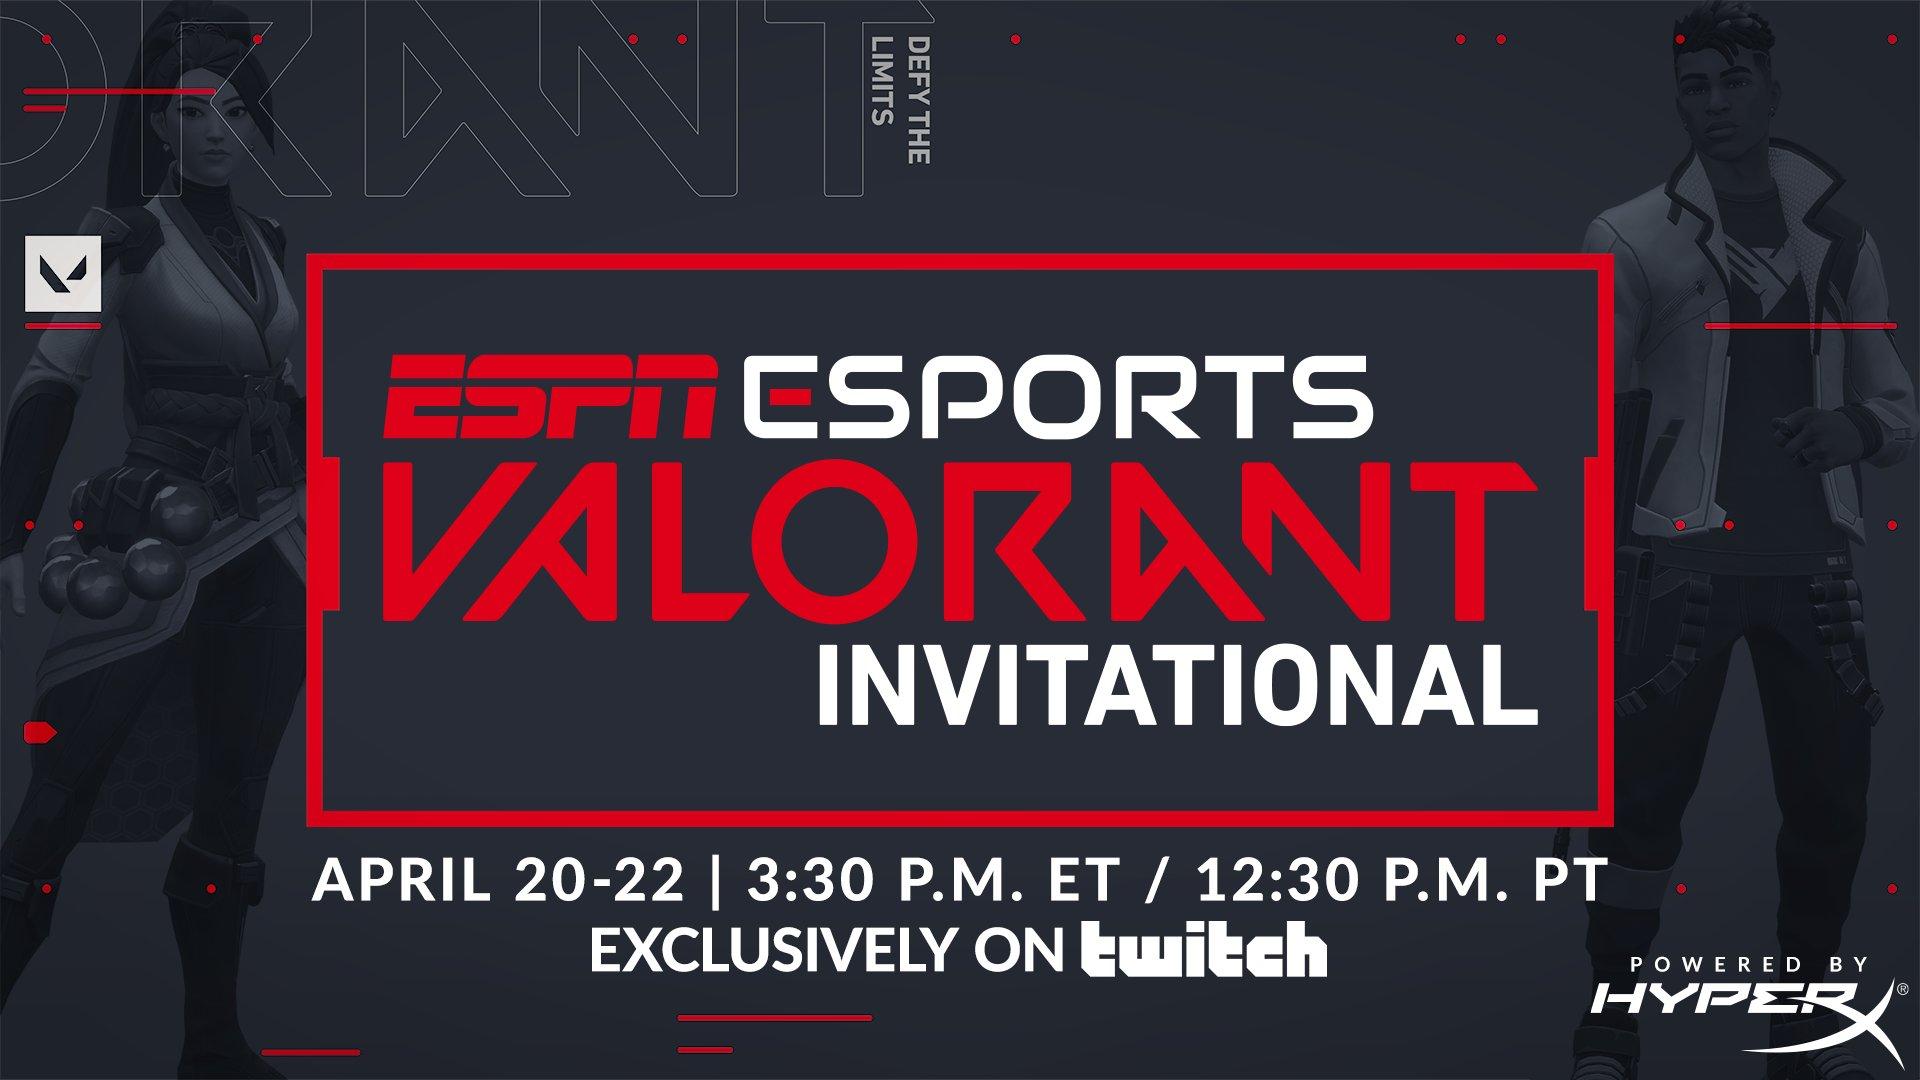 ESPN Valorant Invitational